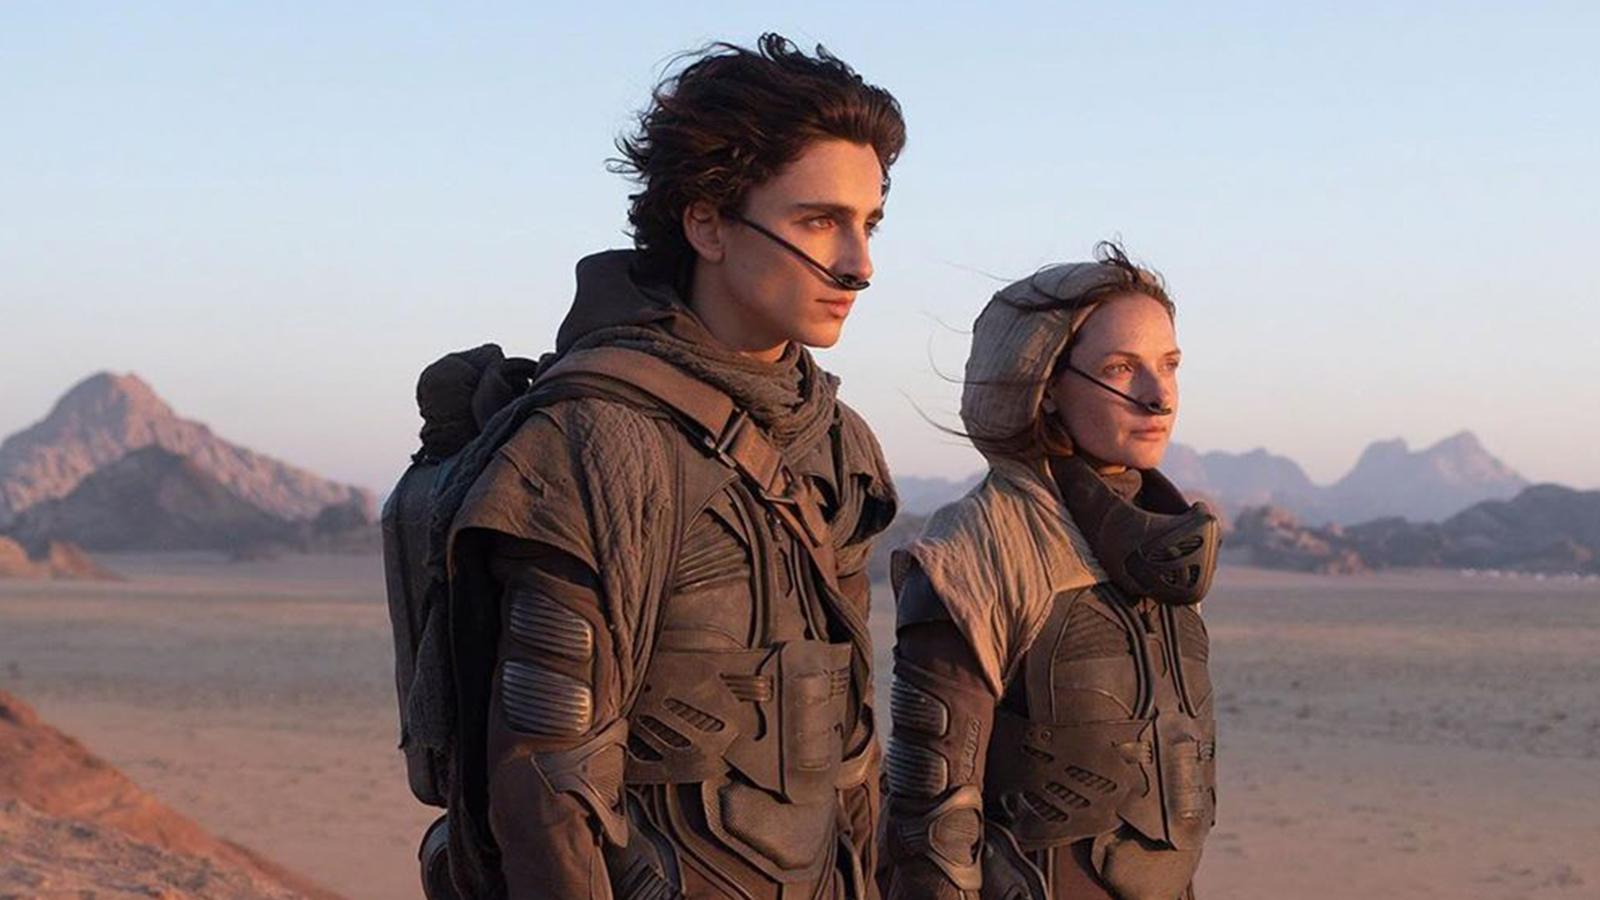 'Dune' Images Revealed